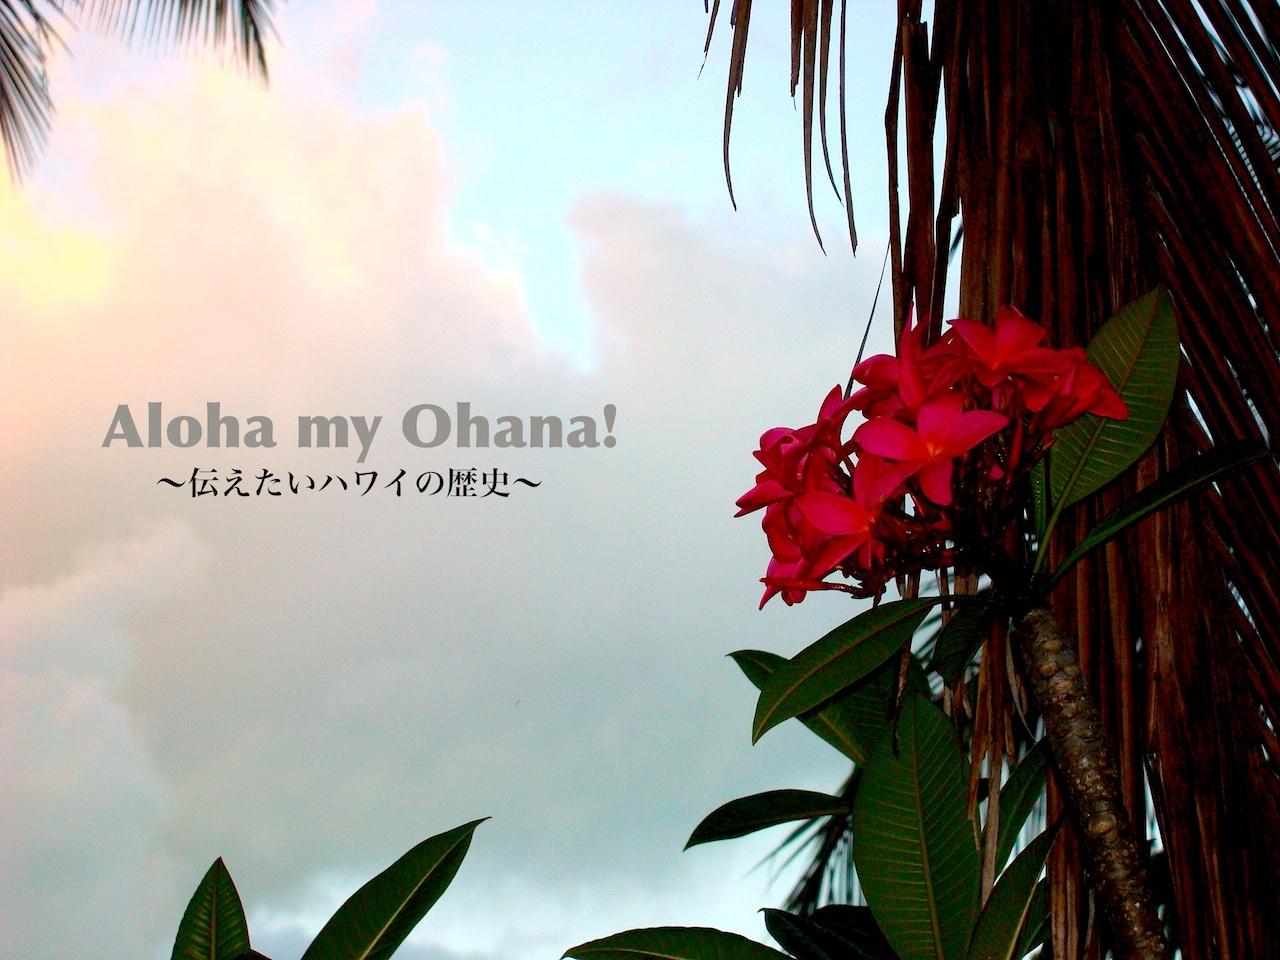 Aloha_my_Ohana_s.jpg